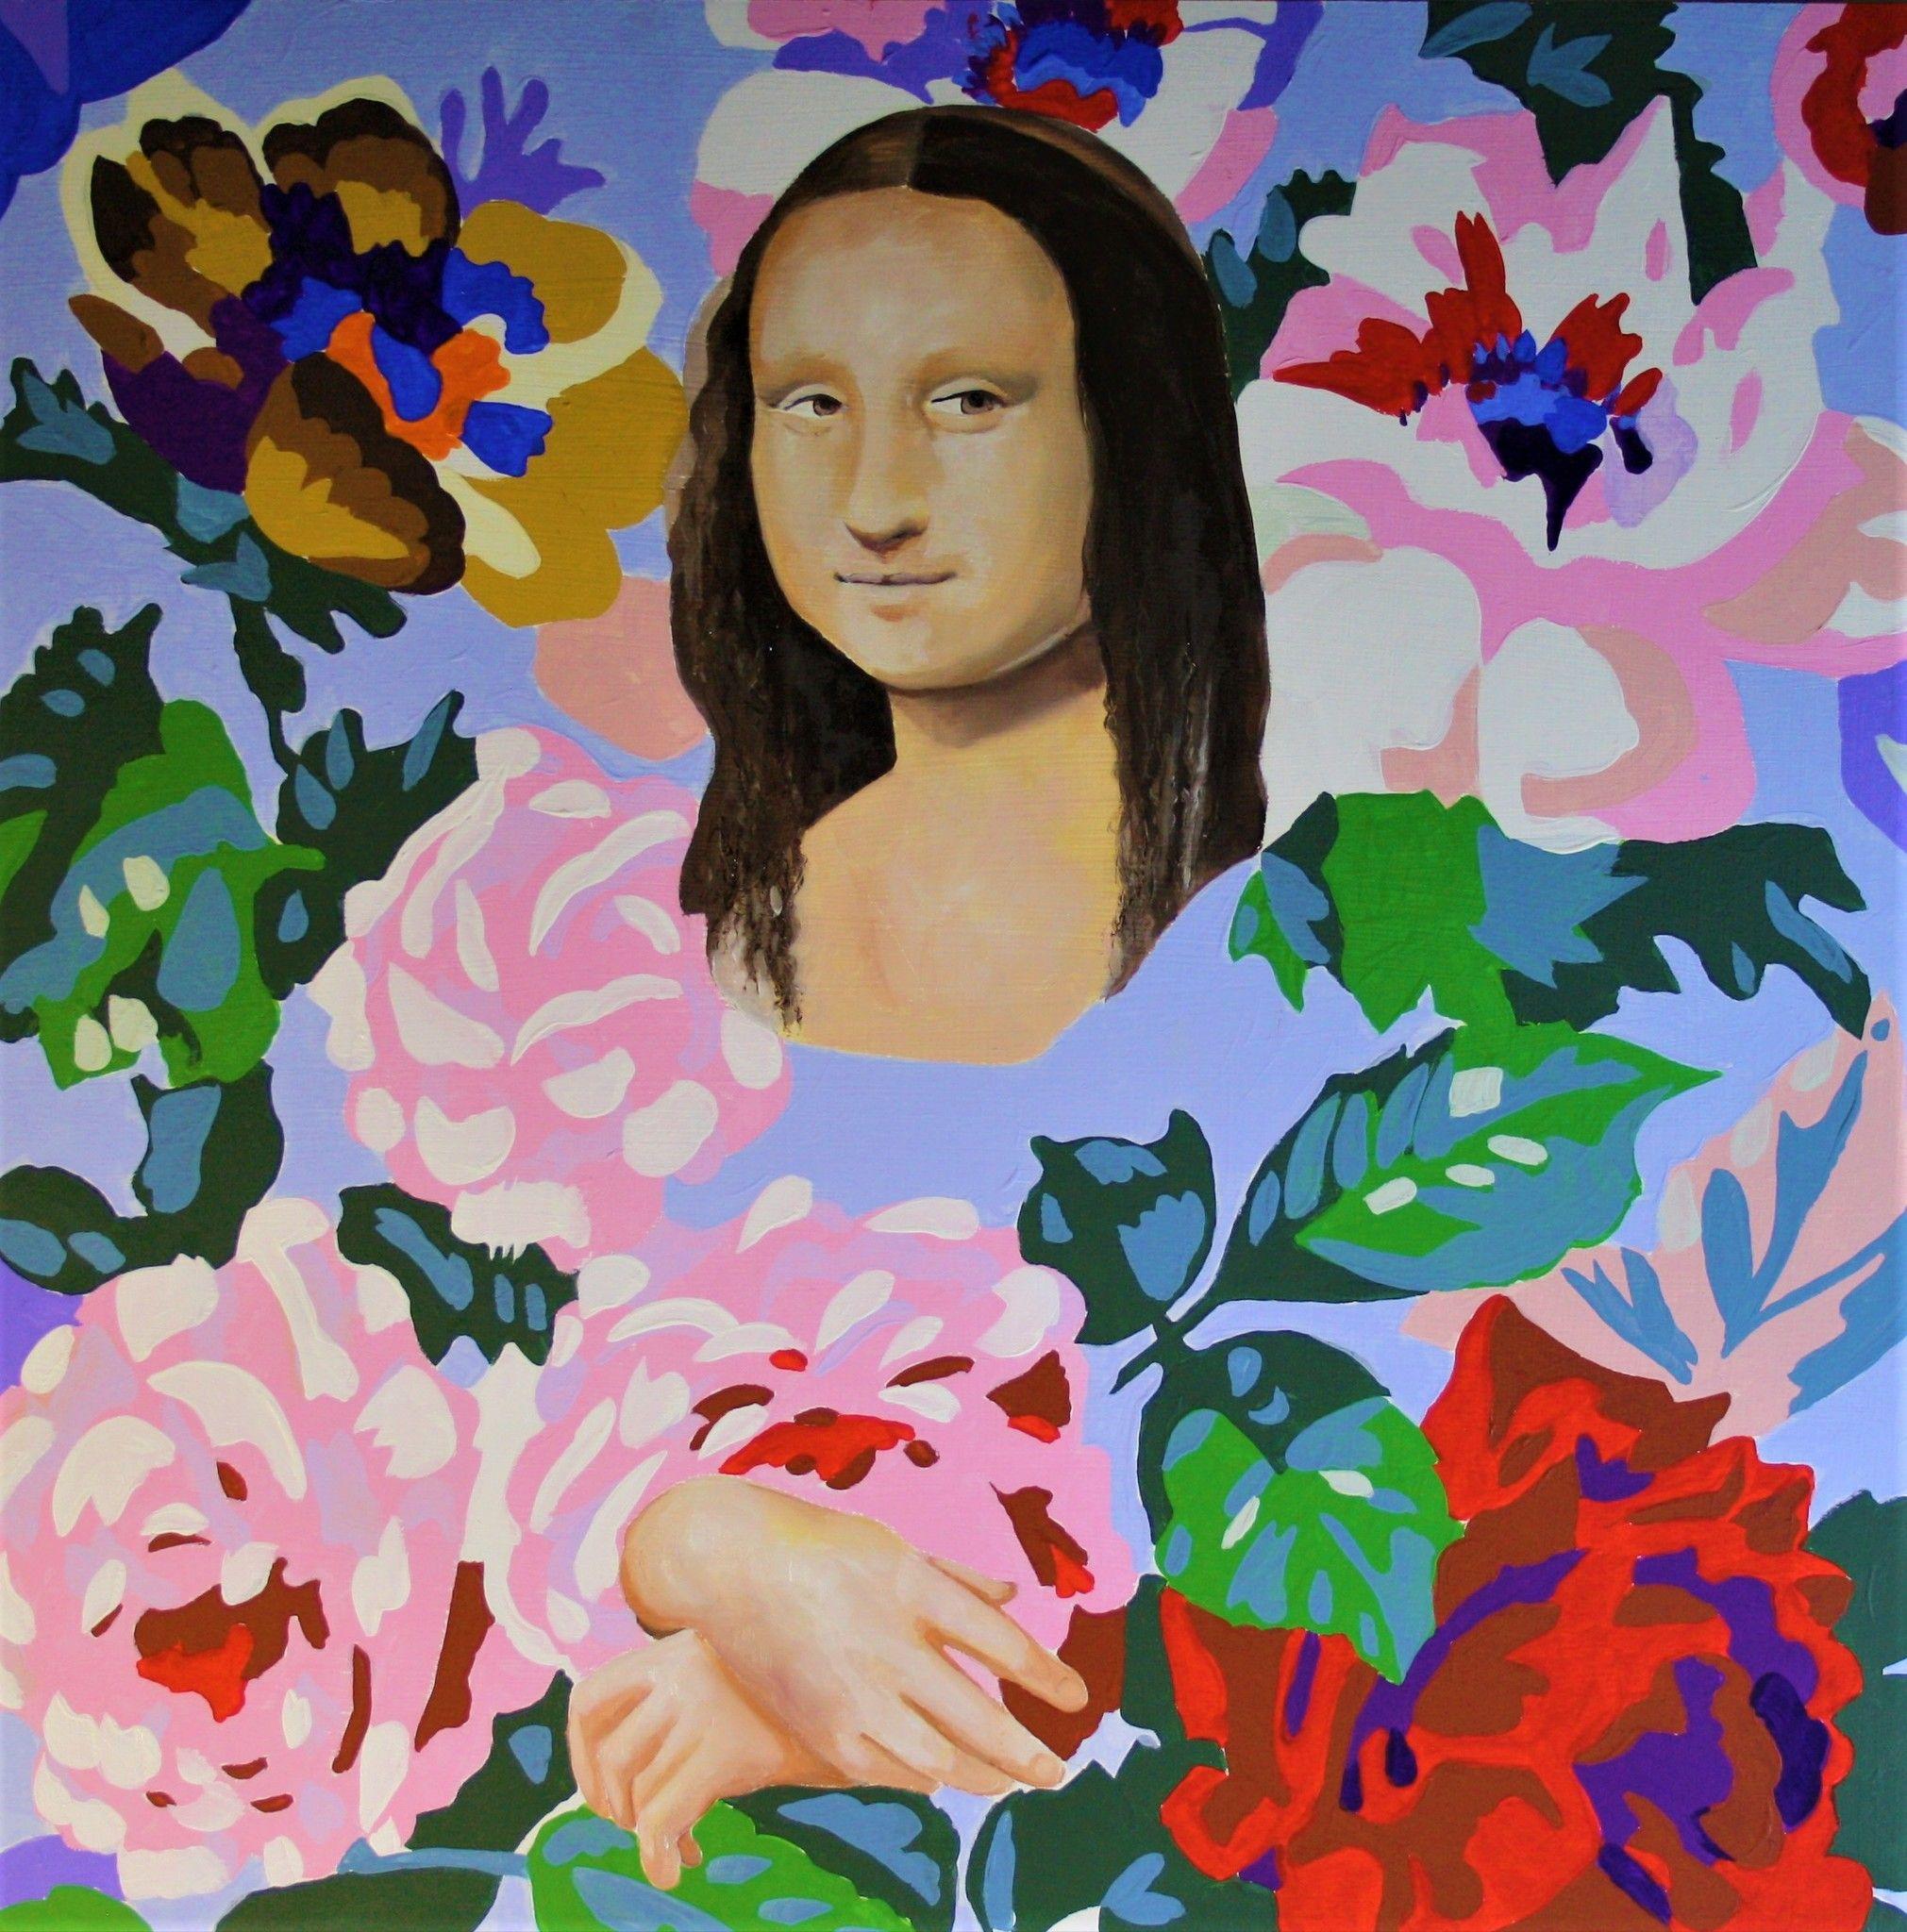 PROMOZIONE #artistadelmese MIXED MEDIA MASSIMO PENNACCHINI ' MONNALISA '  dimensioni L 50 x H 50  cm.